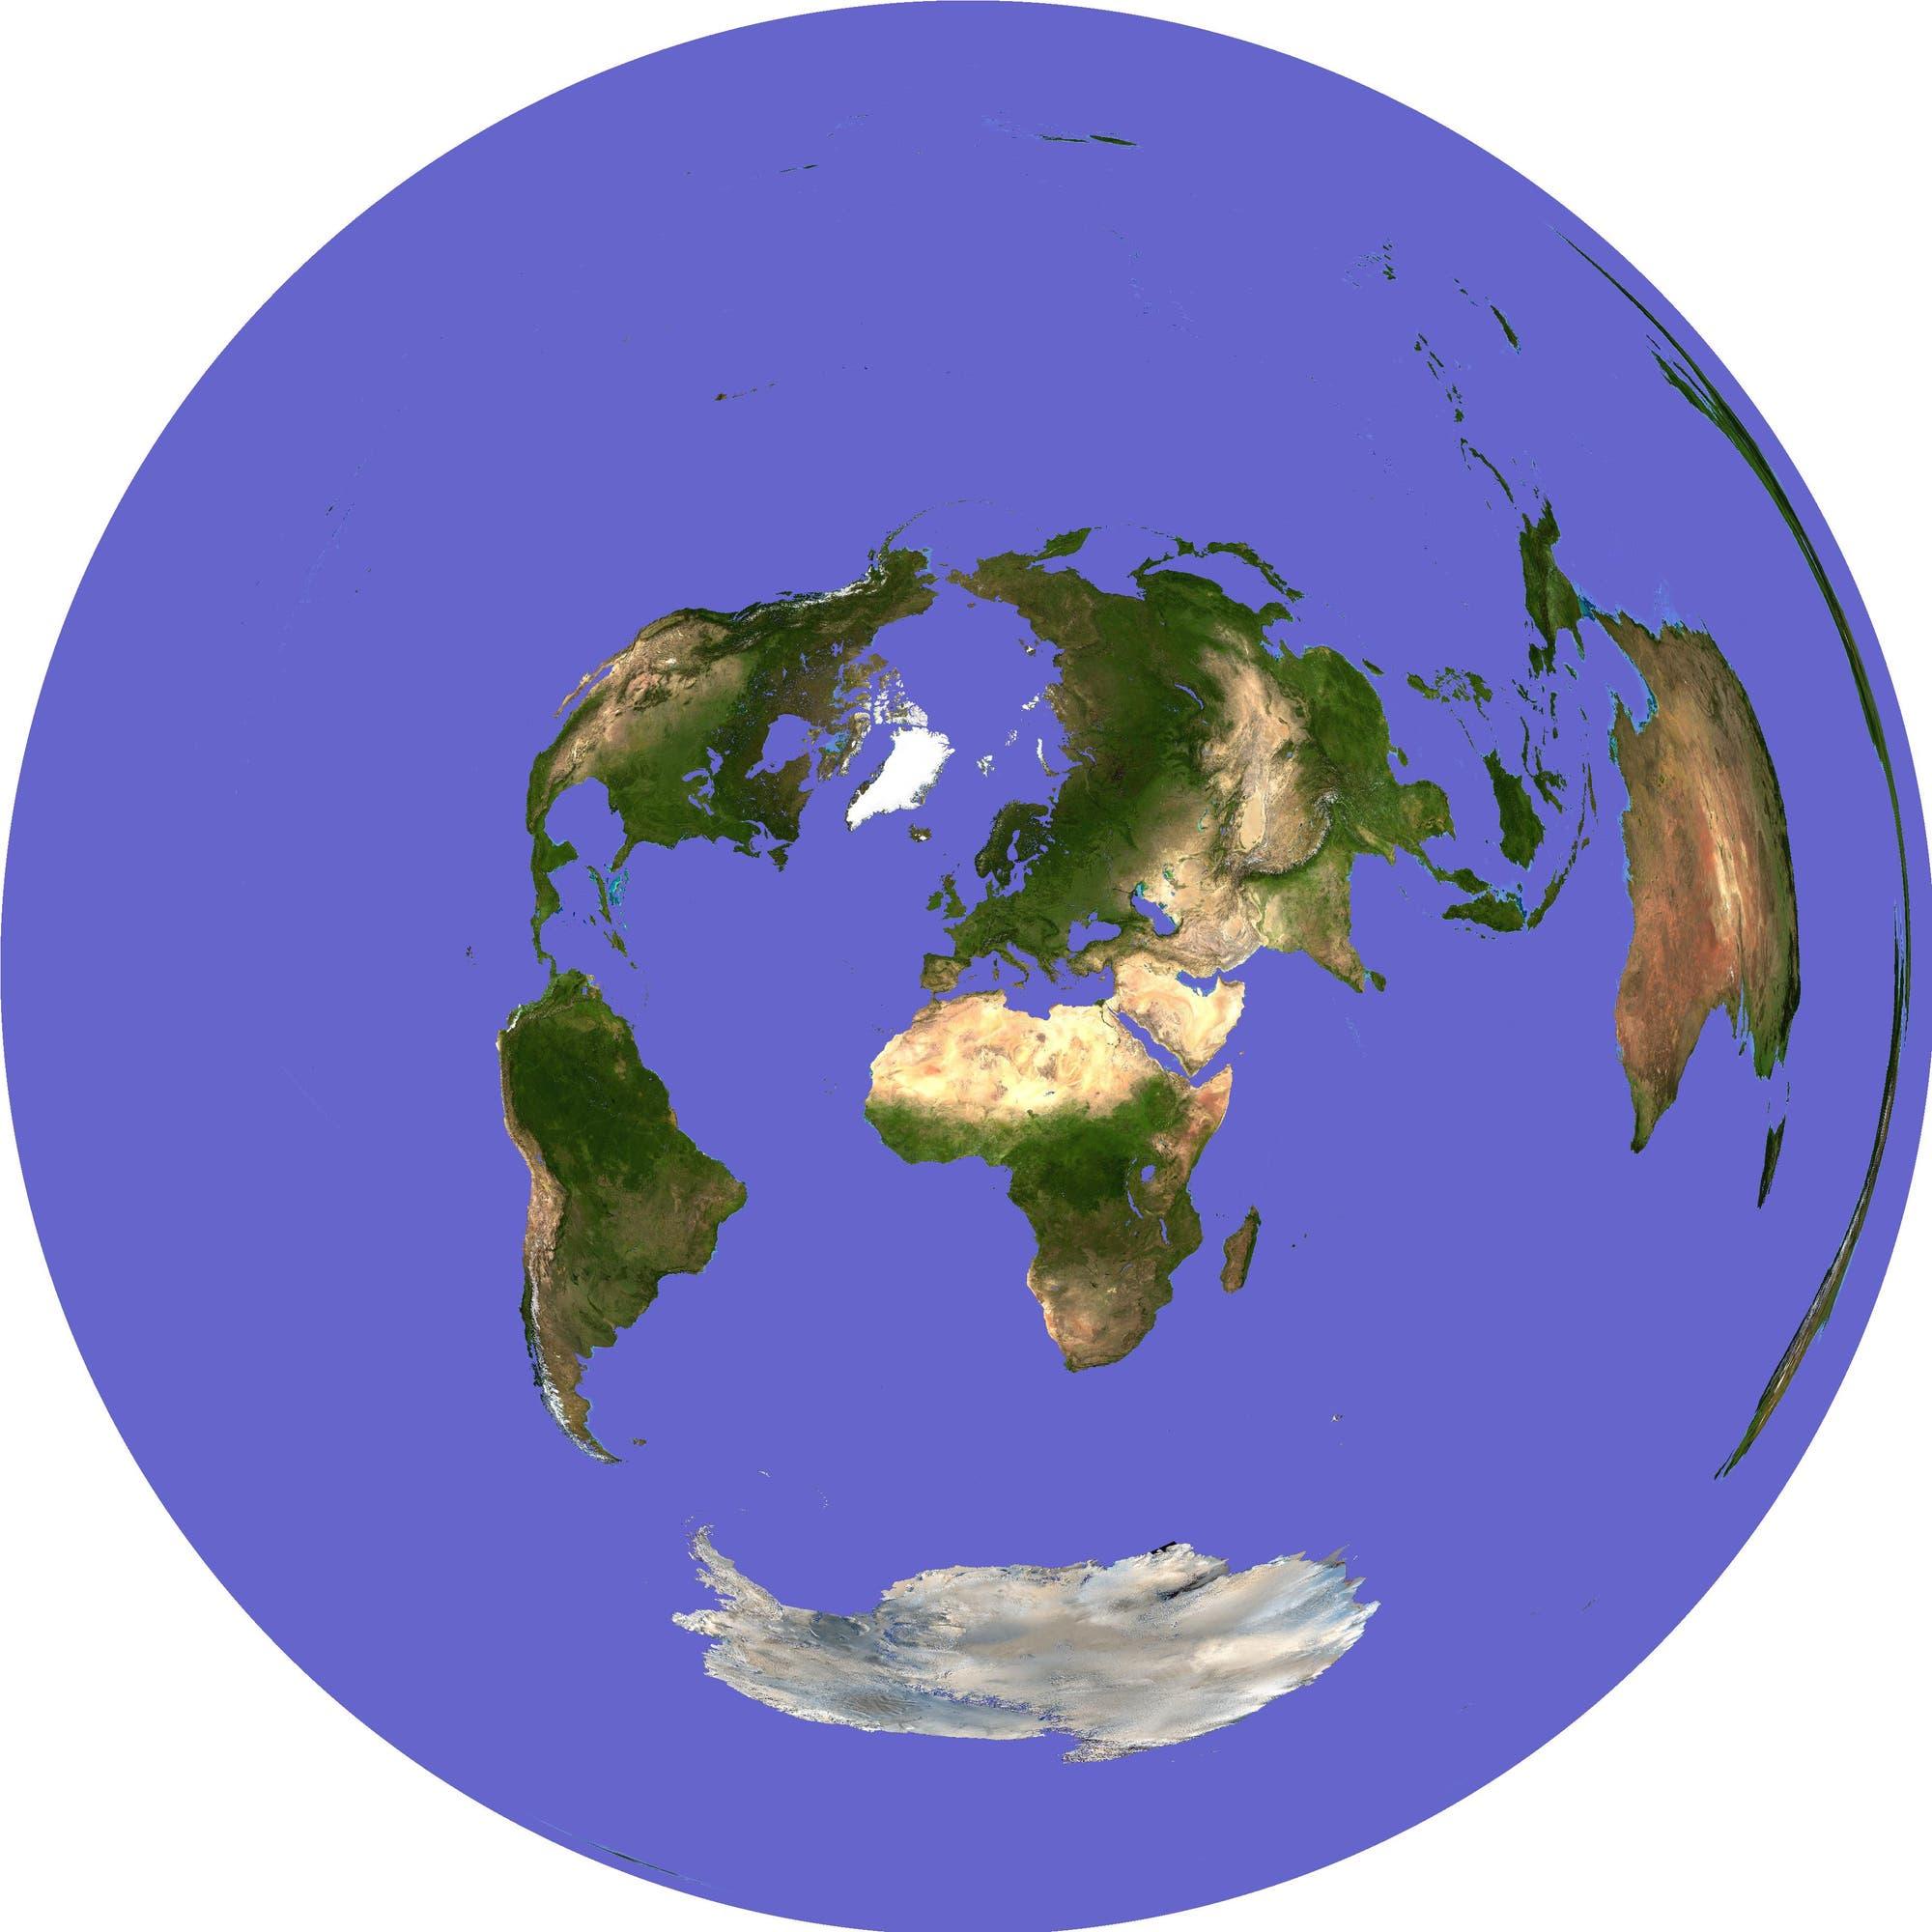 Die Welt aus mathematischer Sicht